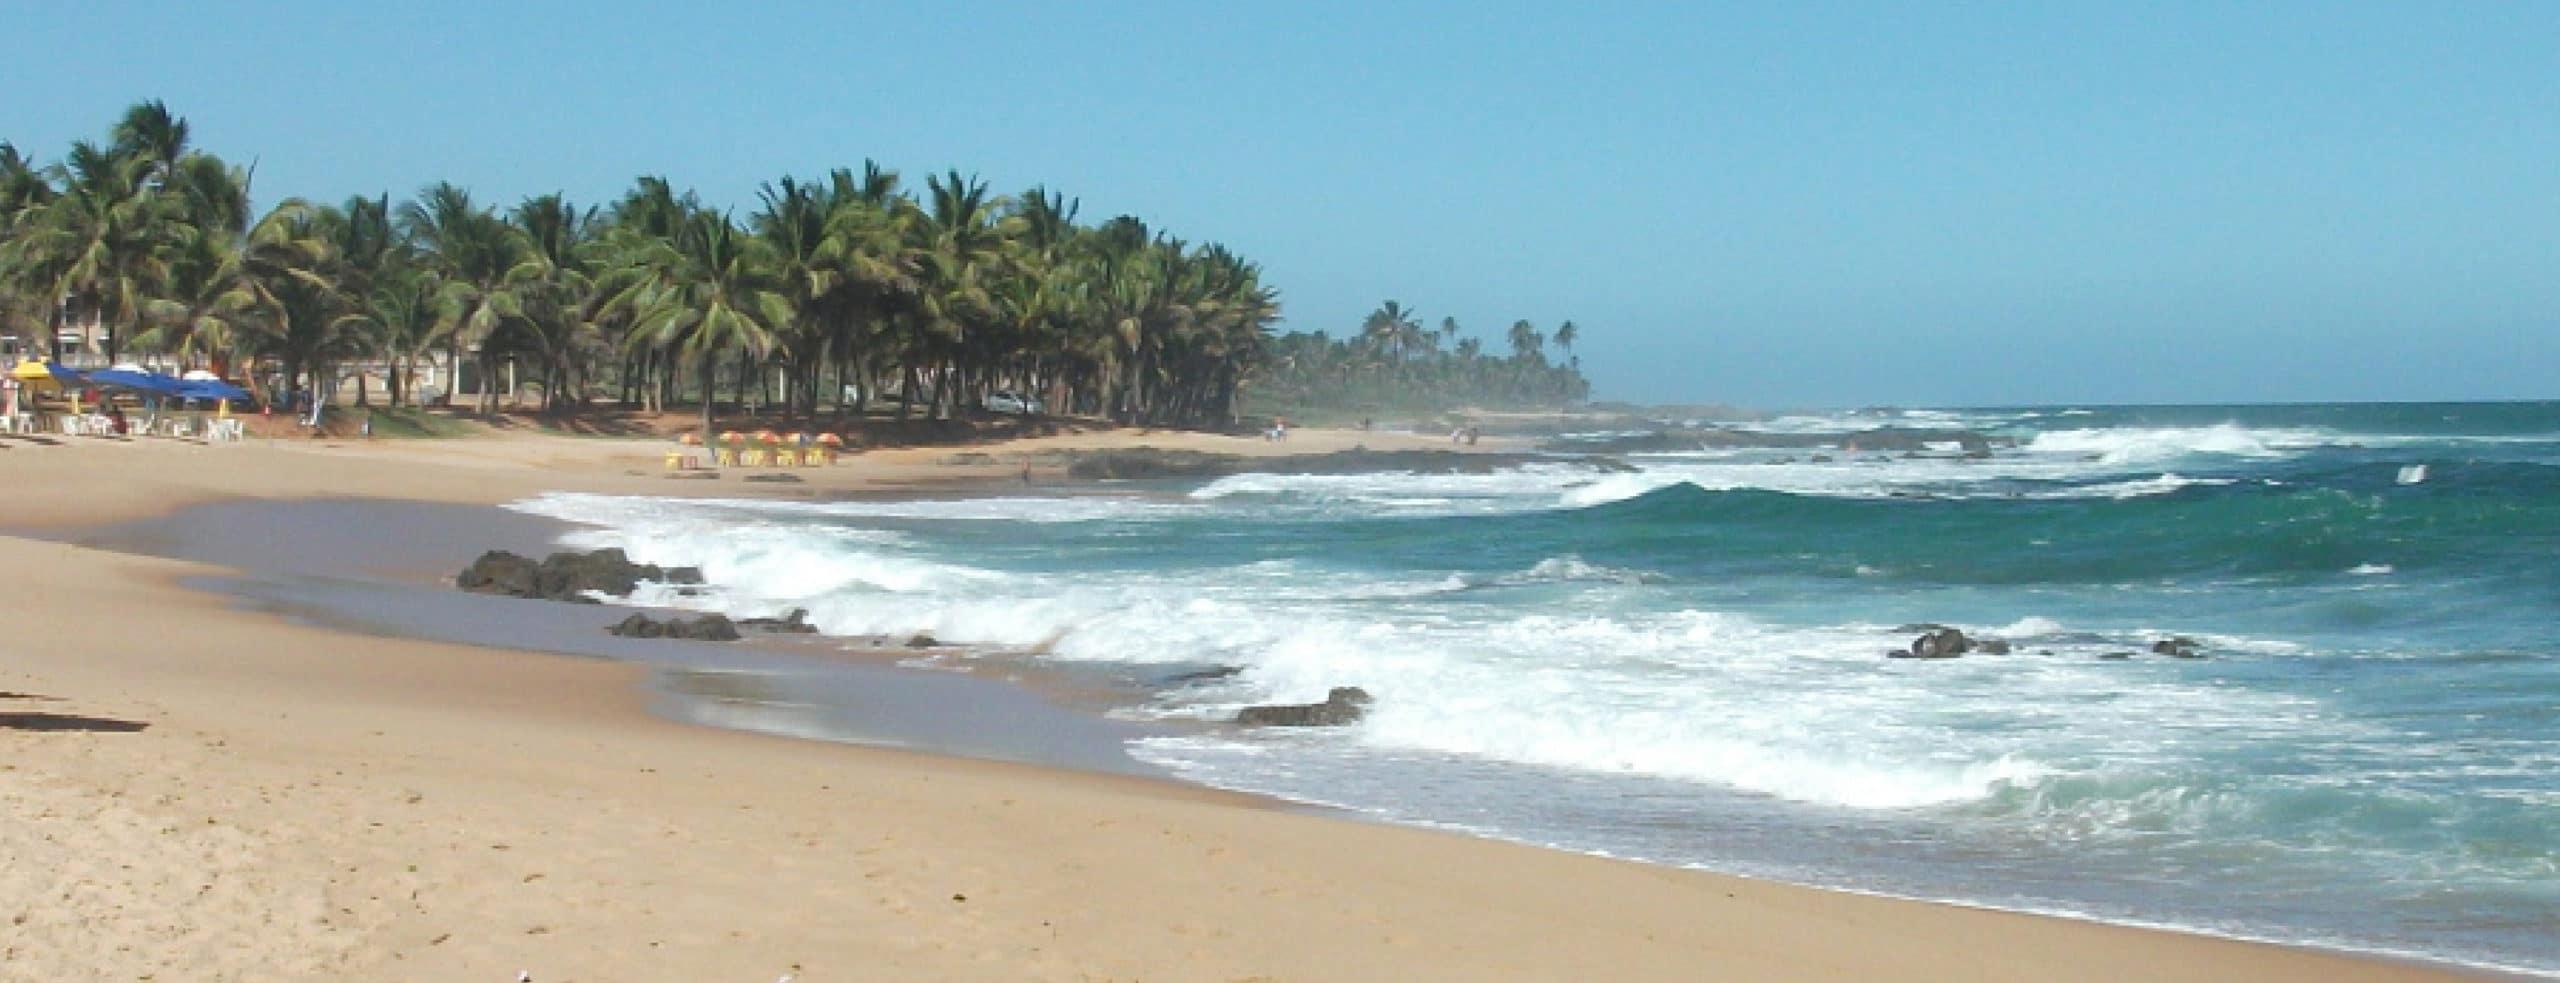 Itapua Beach, Salvador de Bahia - RipioTurismo DMC for Brazil